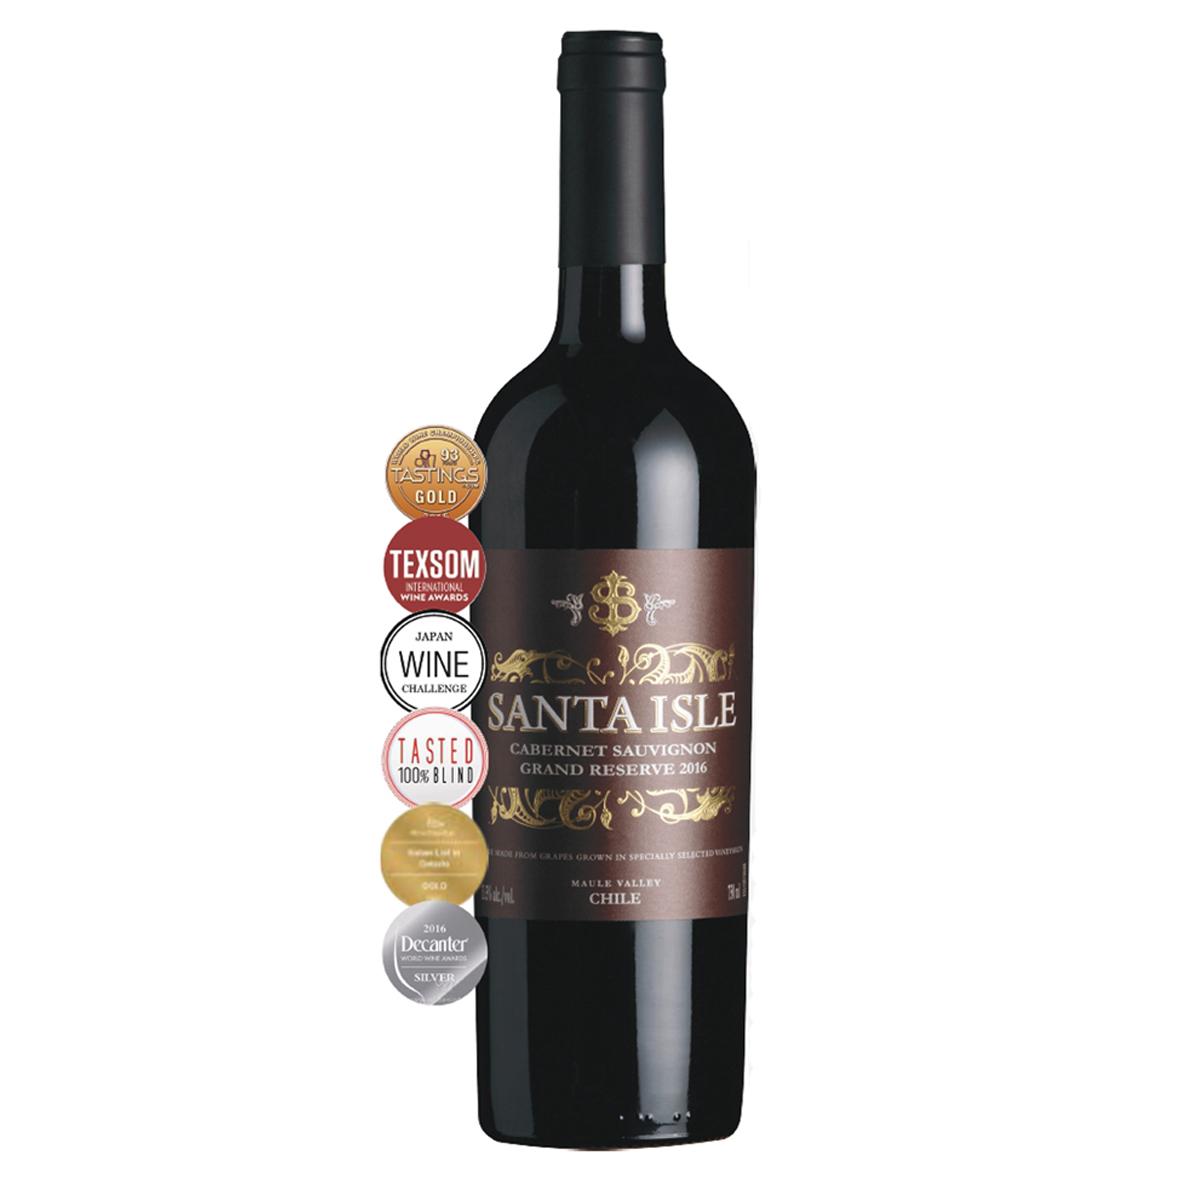 智利莫萊谷圣艾爾斯赤霞珠特級珍藏級干紅葡萄酒紅酒